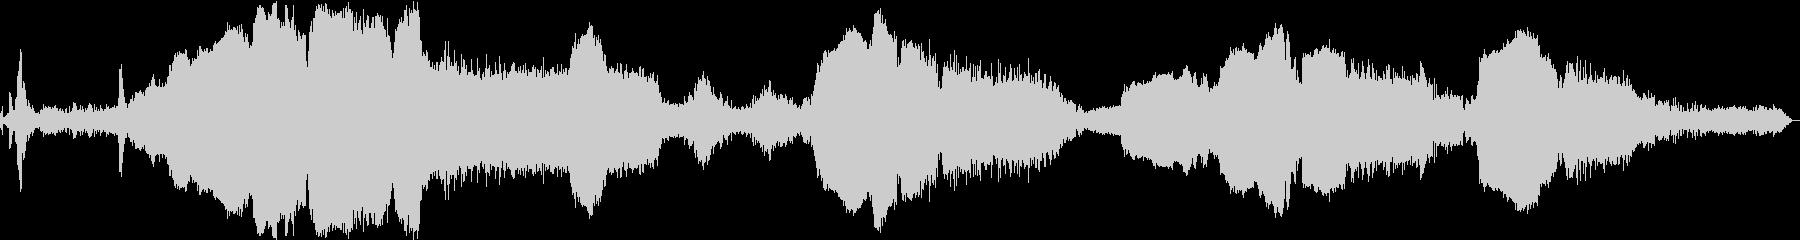 1962ジャガータイプE:内線:オ...の未再生の波形